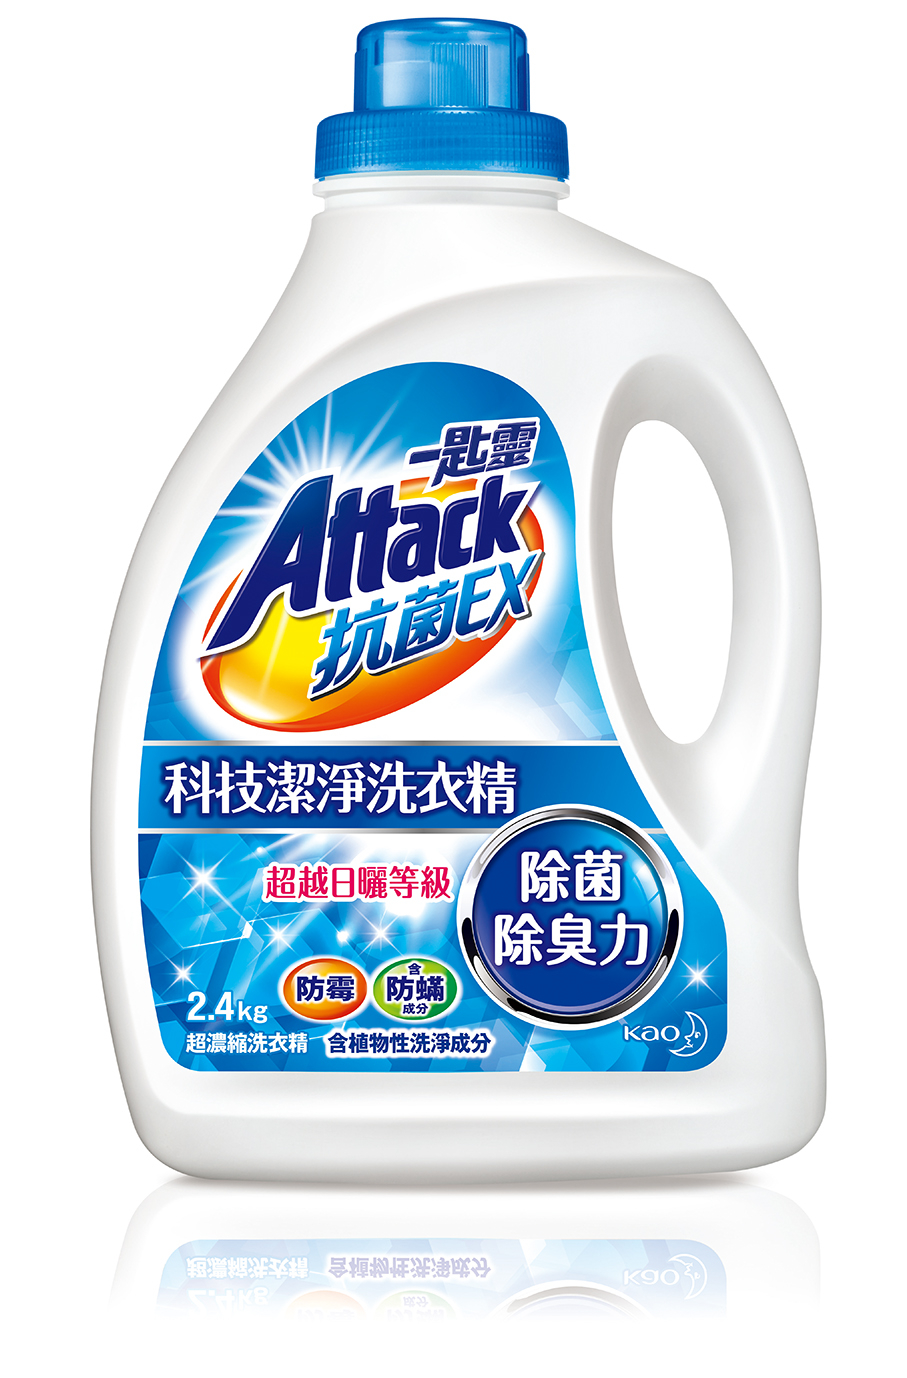 一匙靈抗菌EX洗衣精2.4kg